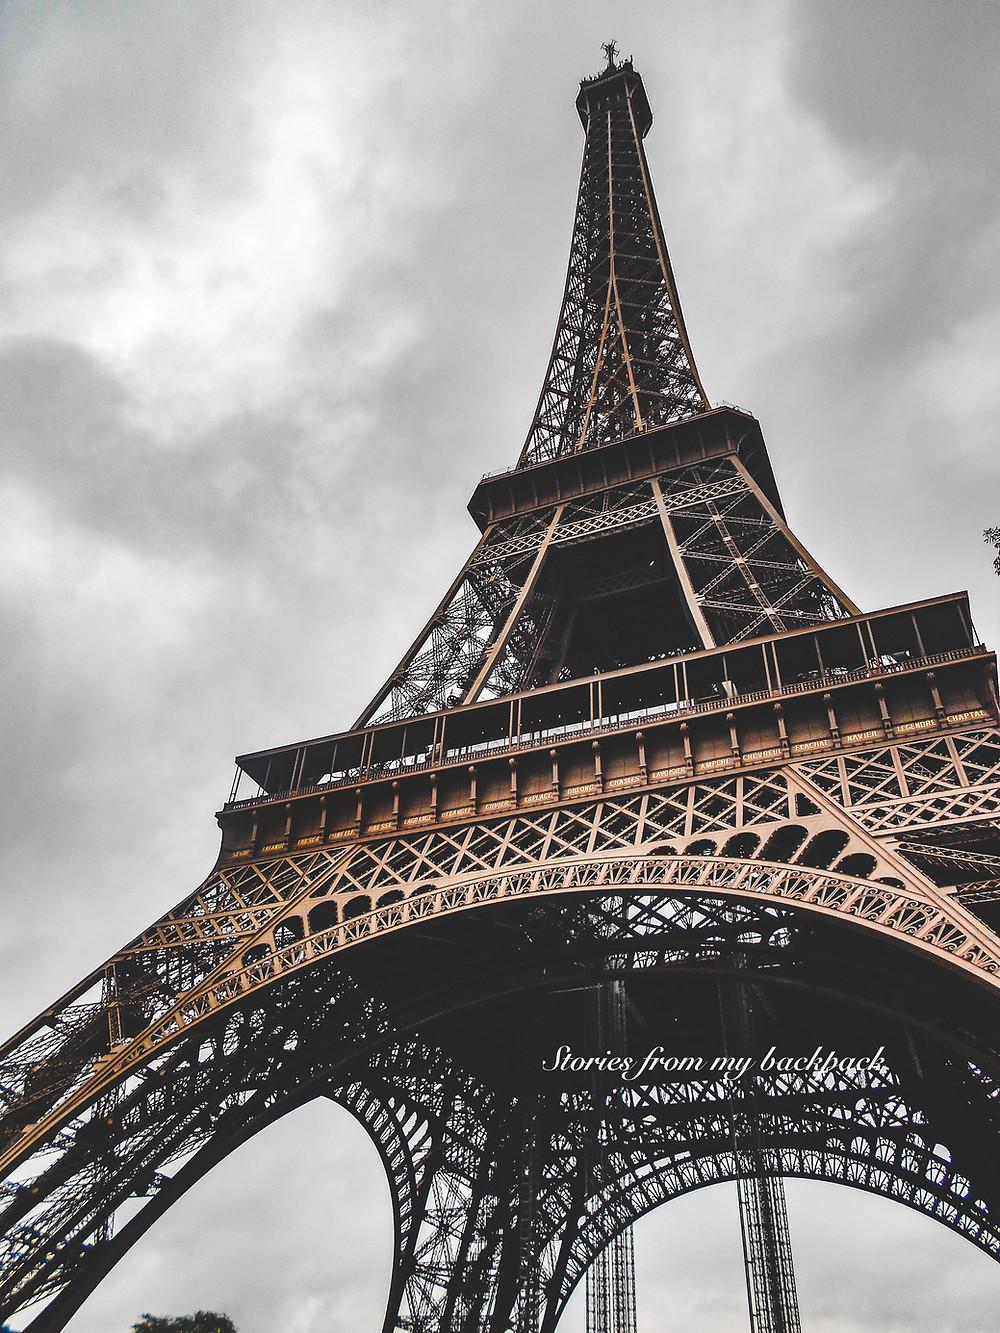 Eiffel Tower, Paris, Sightseeing in Paris, offbeat things to do in Paris, Paris macaroons, Best baguette in Paris, best macarons in Paris